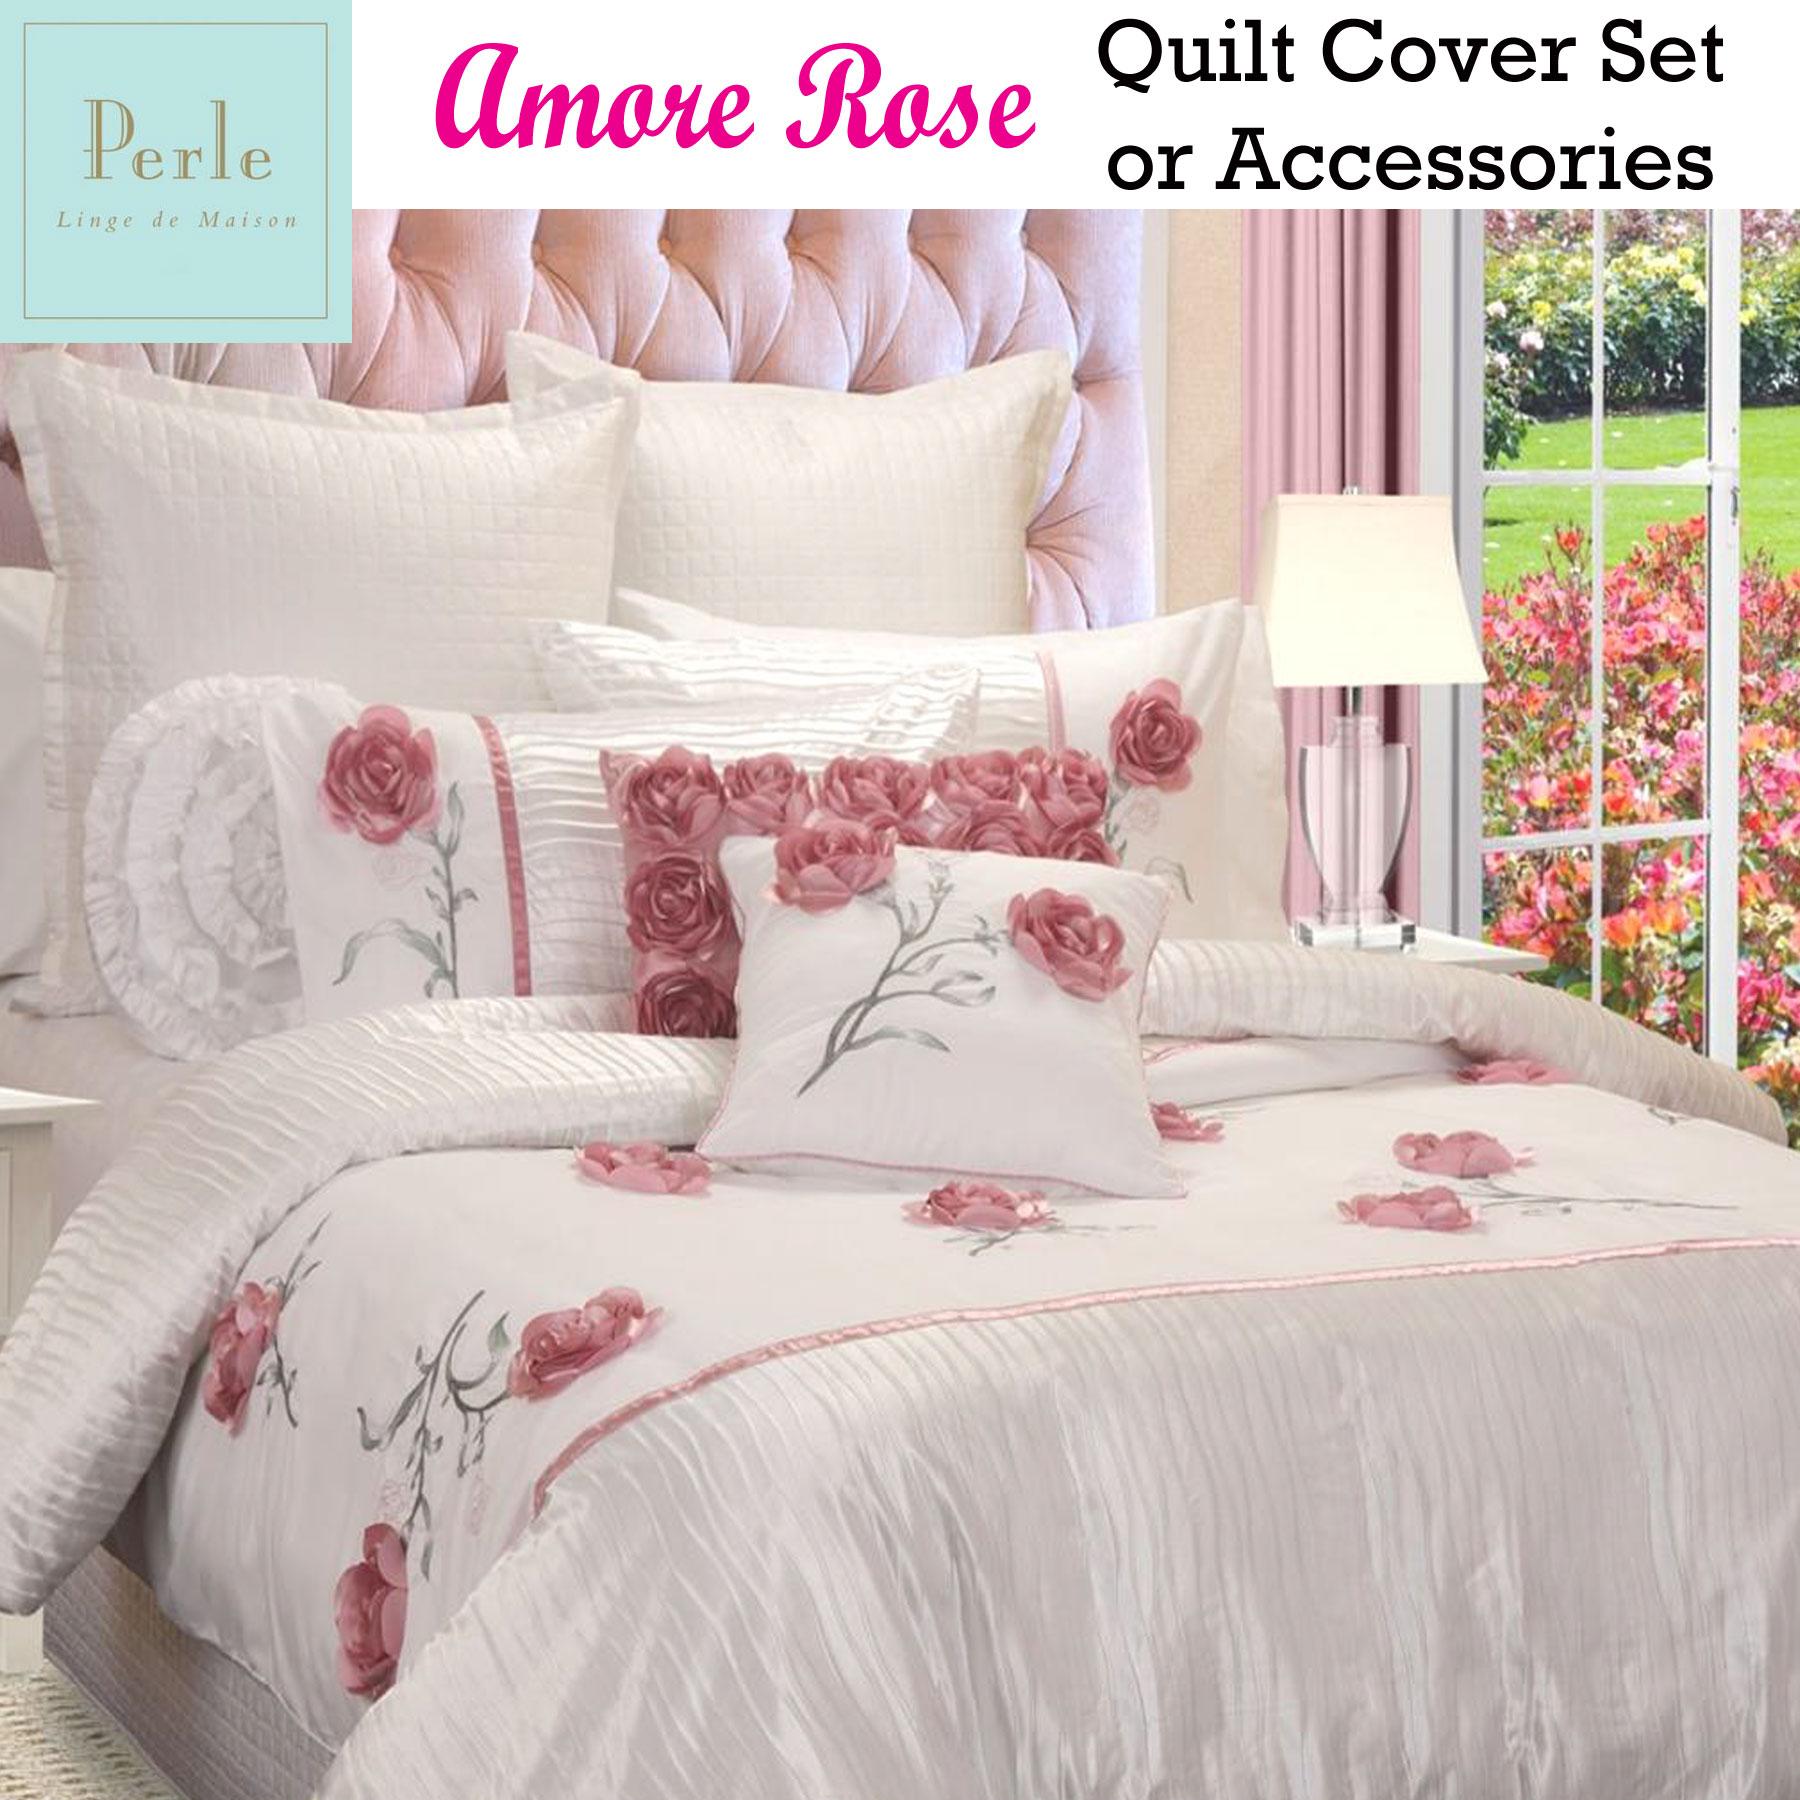 Amore rose white applique quilt cover set or accessories perle linge de maison